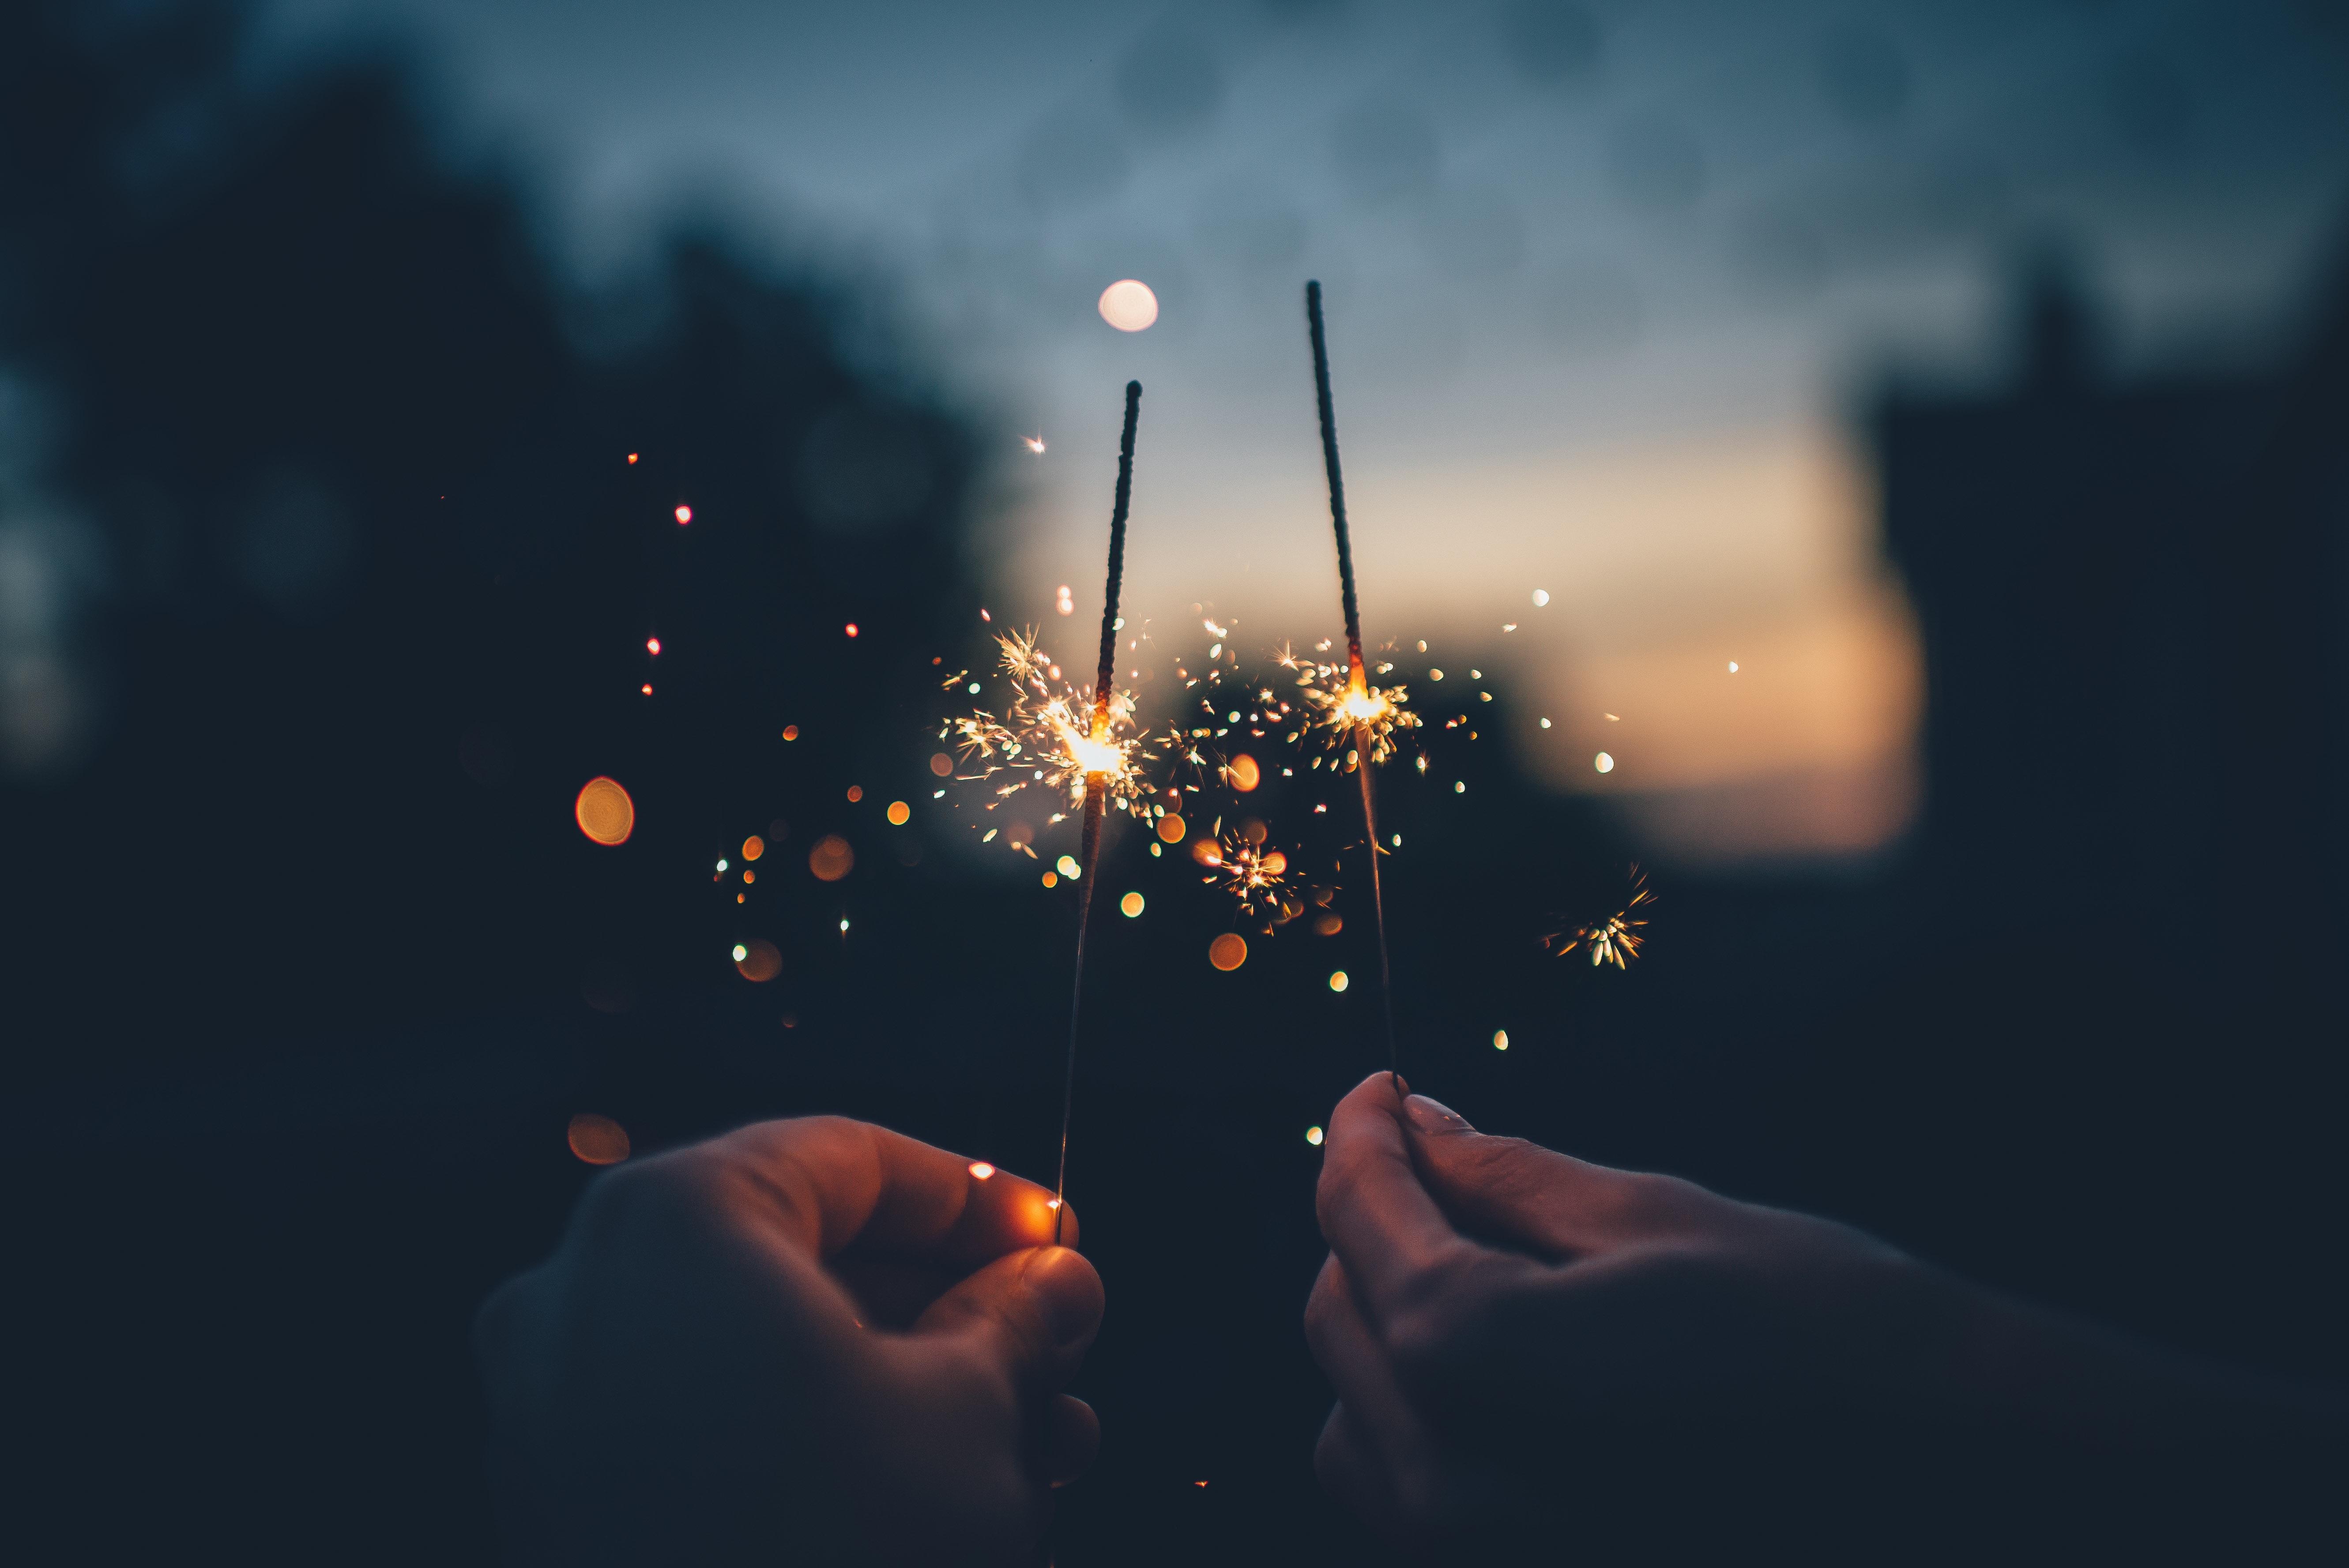 AntVoice vous envoie ses meilleurs vœux pour l'année 2017 !